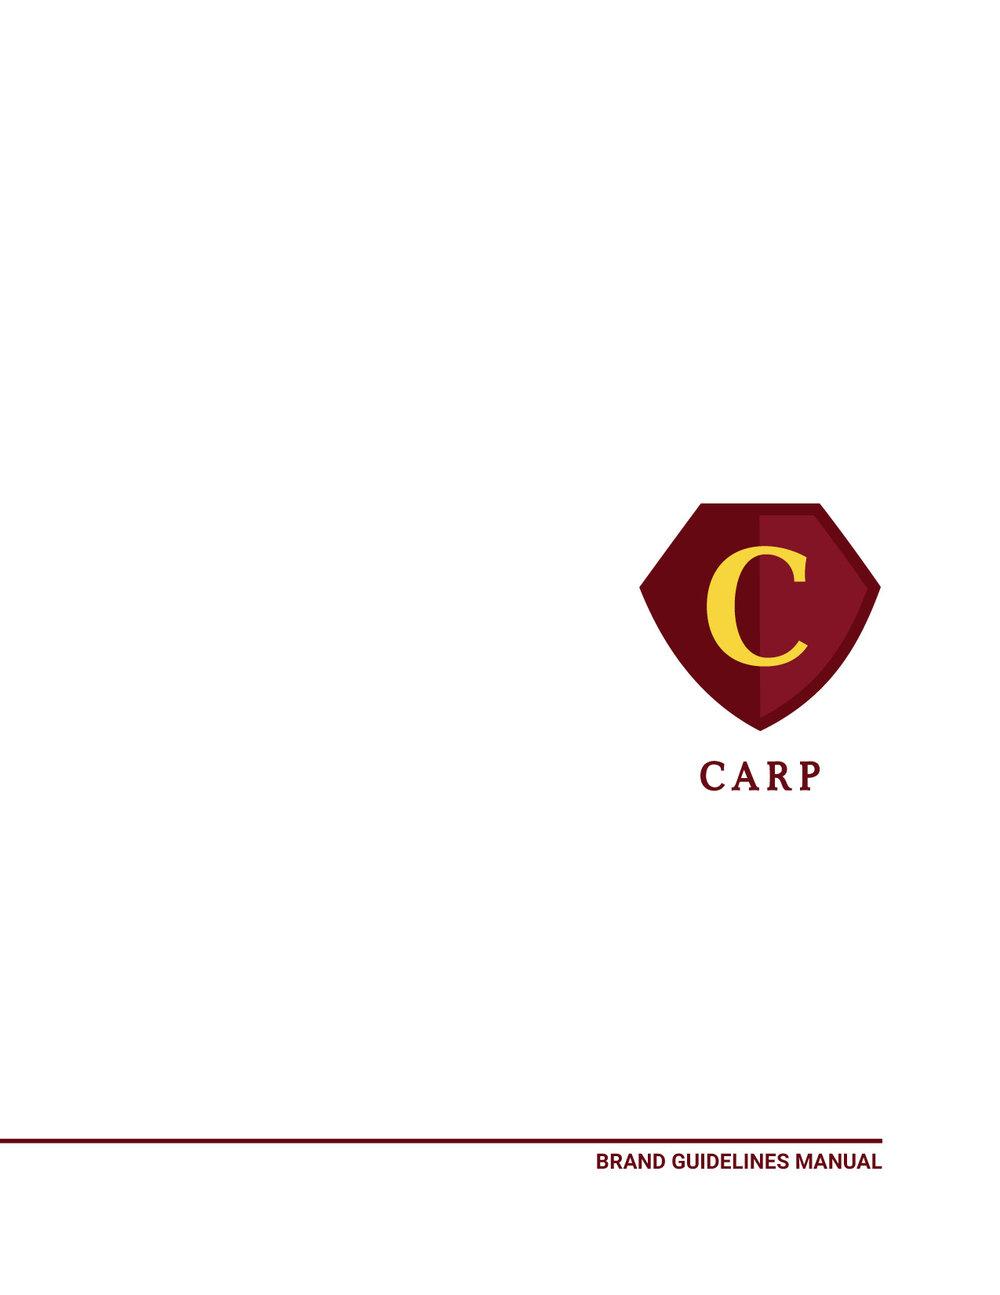 CARP_brand_guidelines_1.jpg